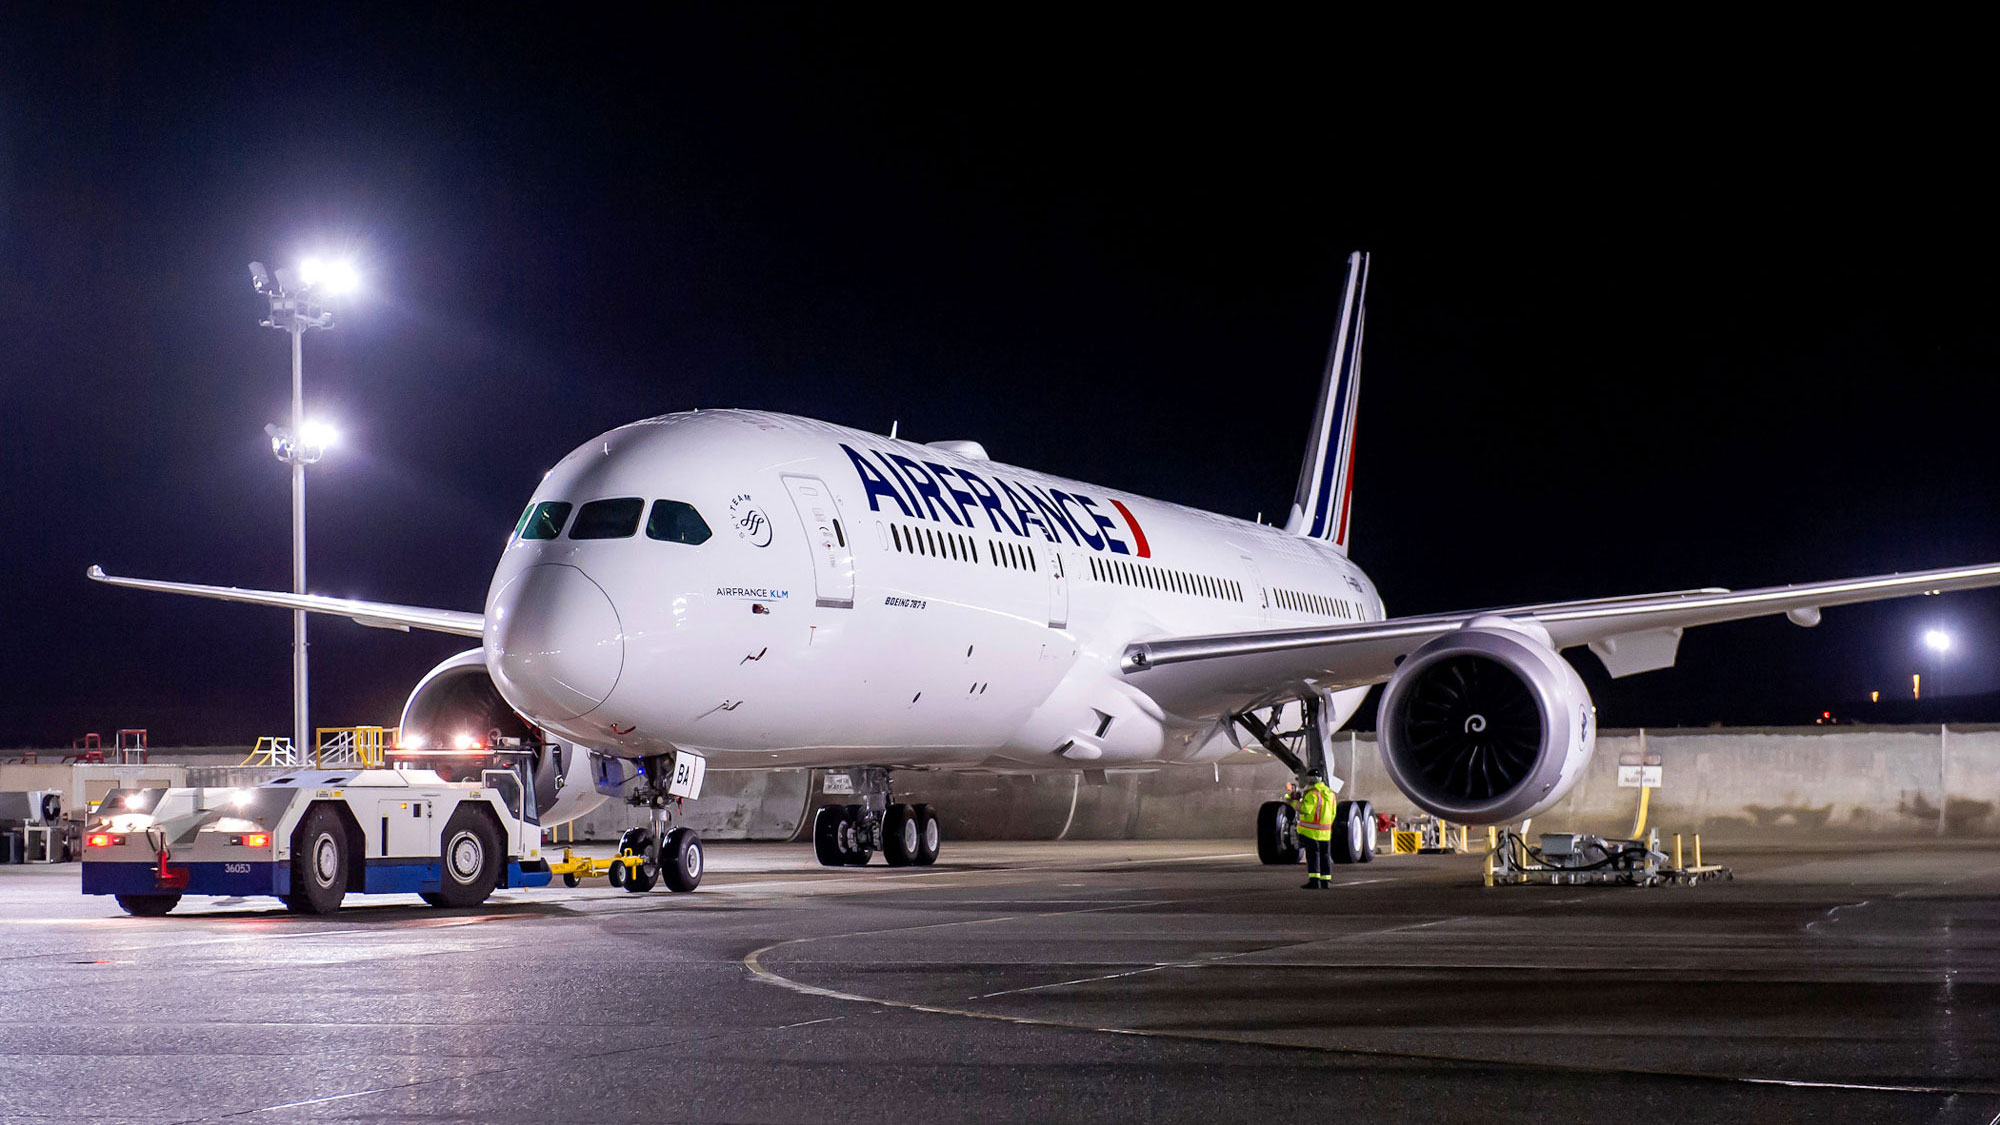 avión de air france estacionado